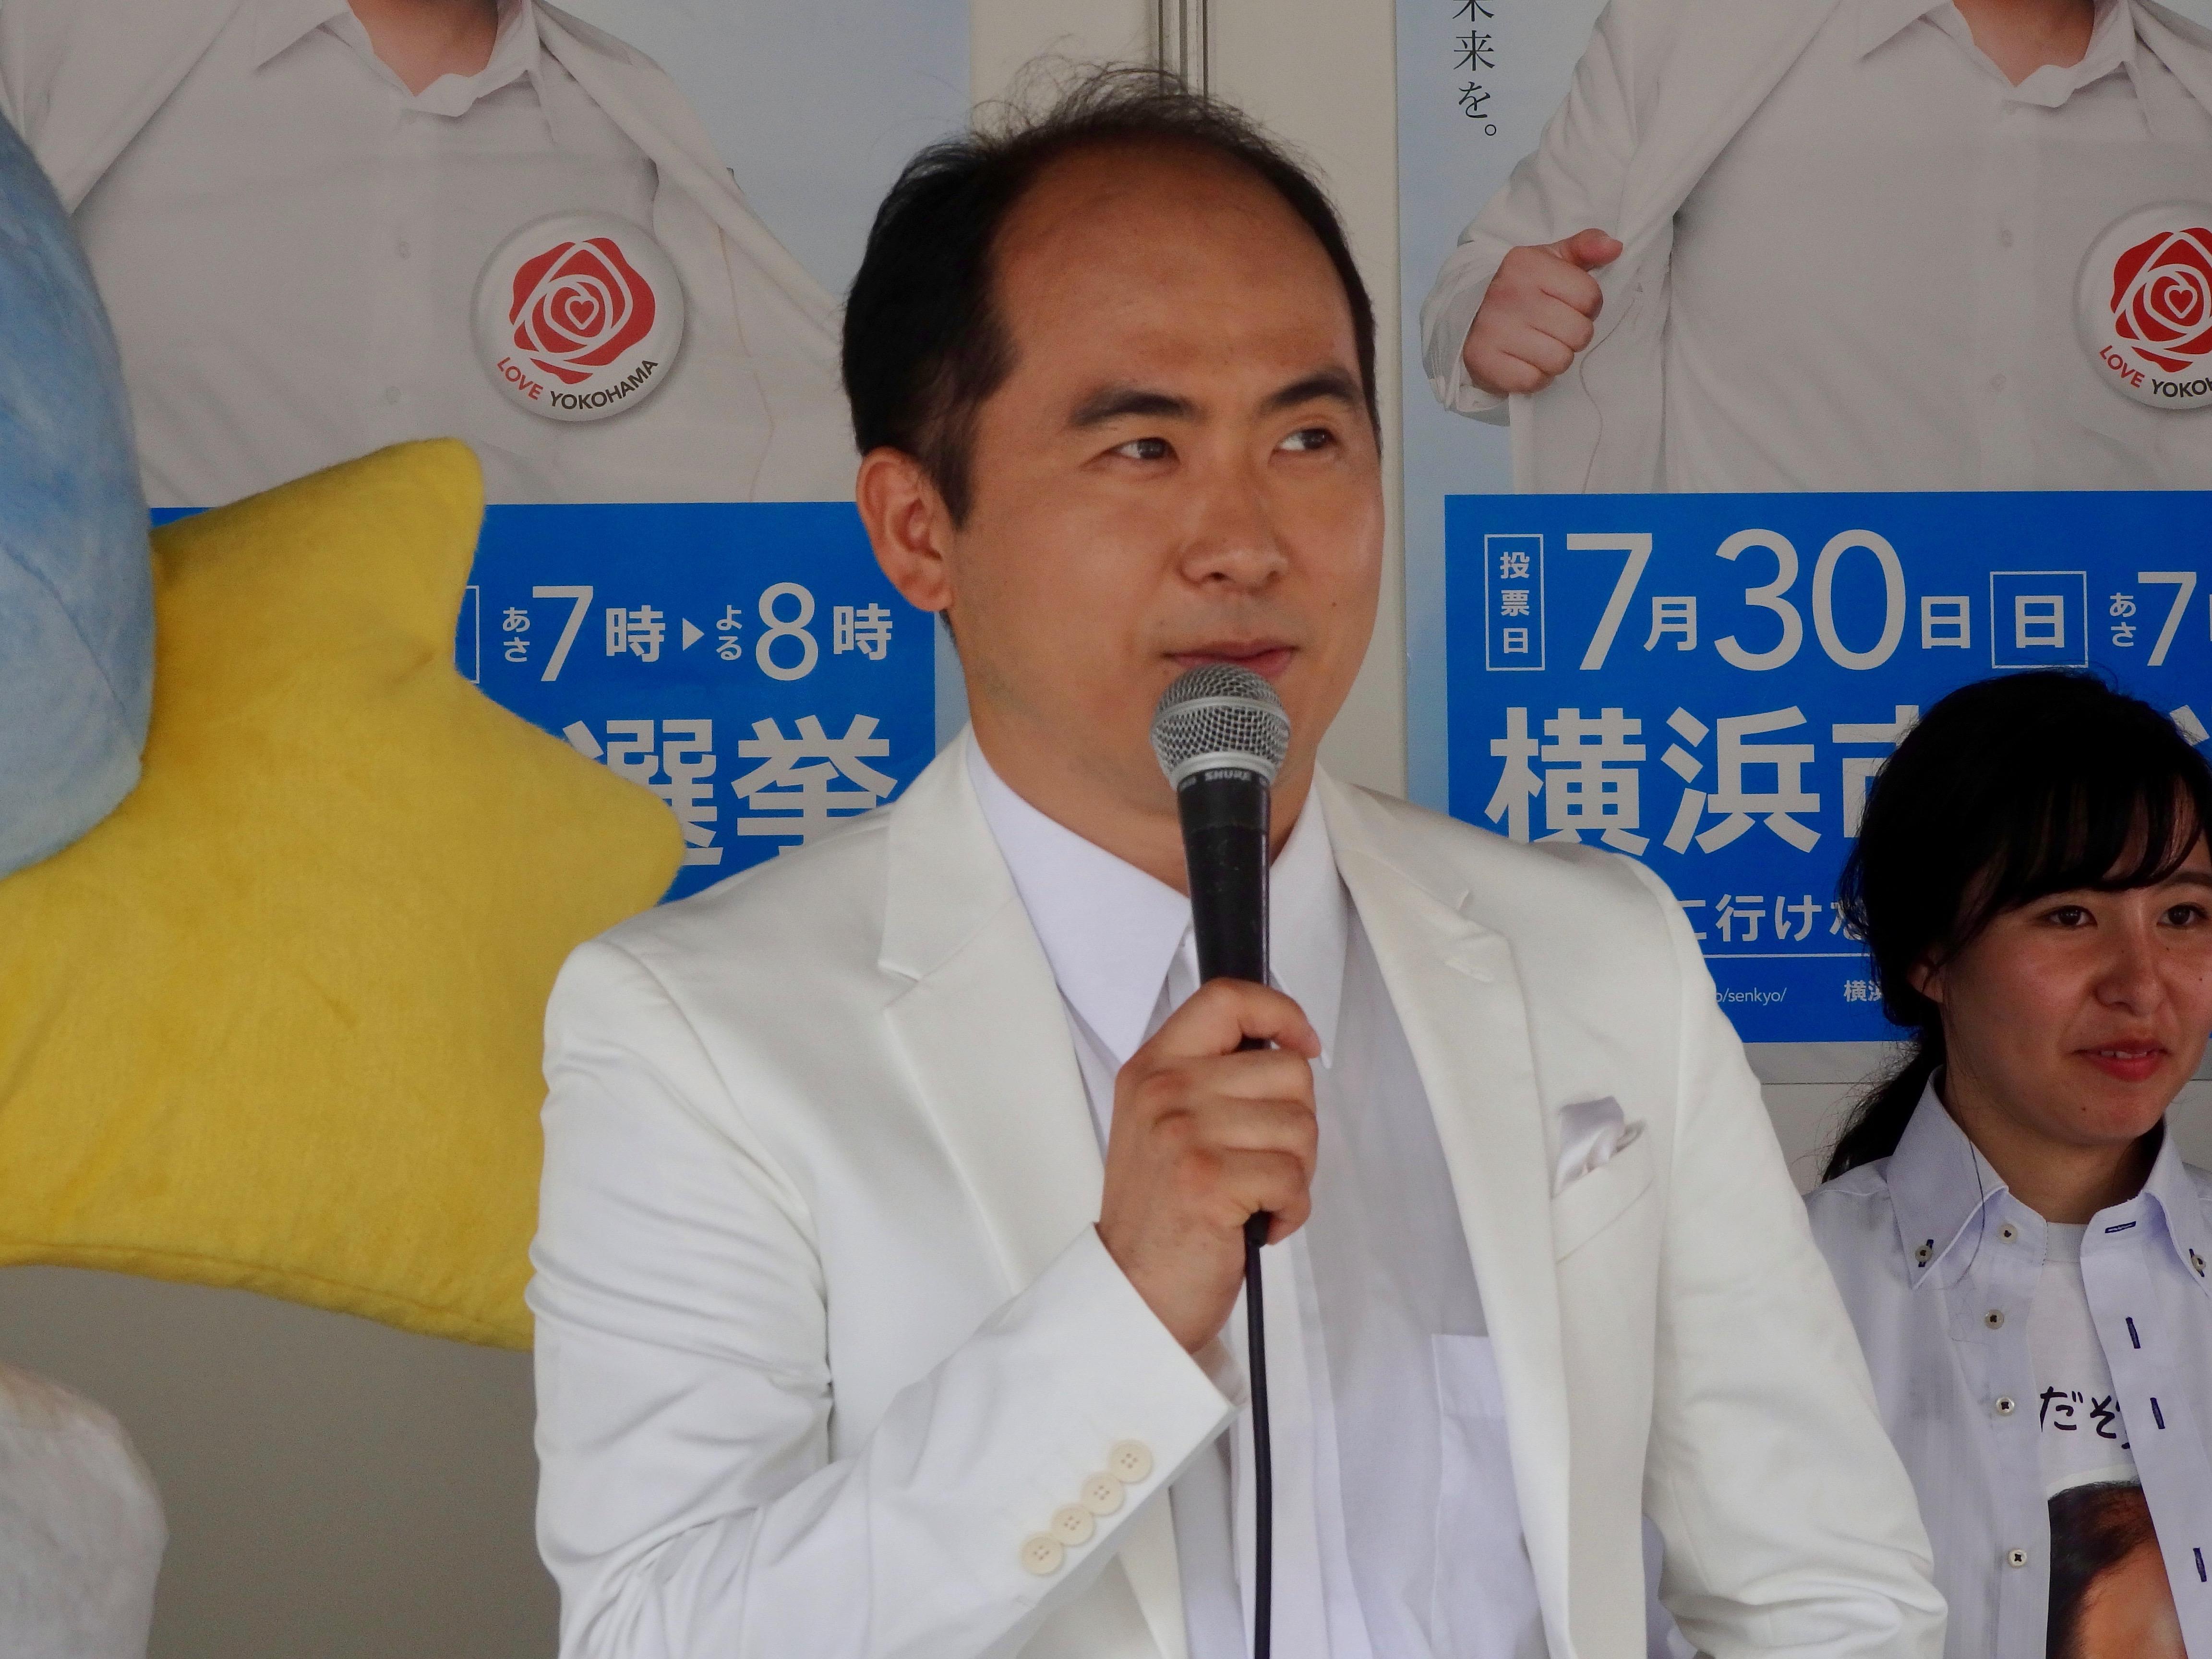 http://news.yoshimoto.co.jp/20170716165415-8a69f456e51a97c469ea0939e9b3e2b43c755634.jpg